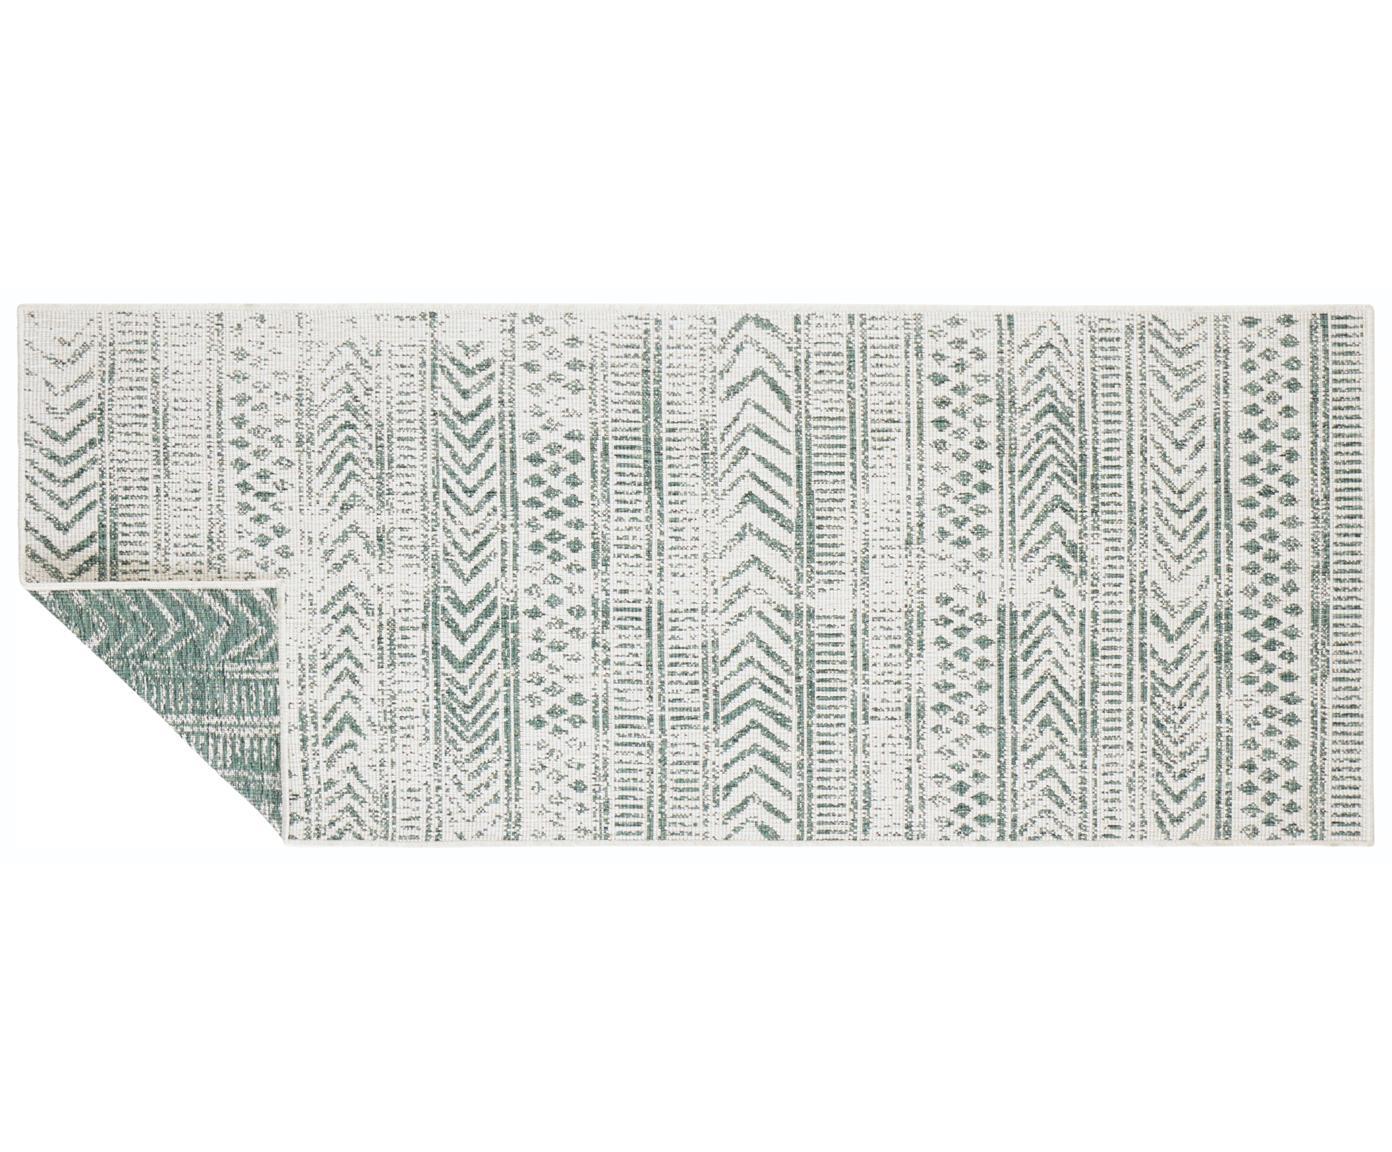 Dubbelzijdige in- en outdoor loper Biri met grafisch patroon, Polypropyleen, Groen, crèmekleurig, 80 x 250 cm